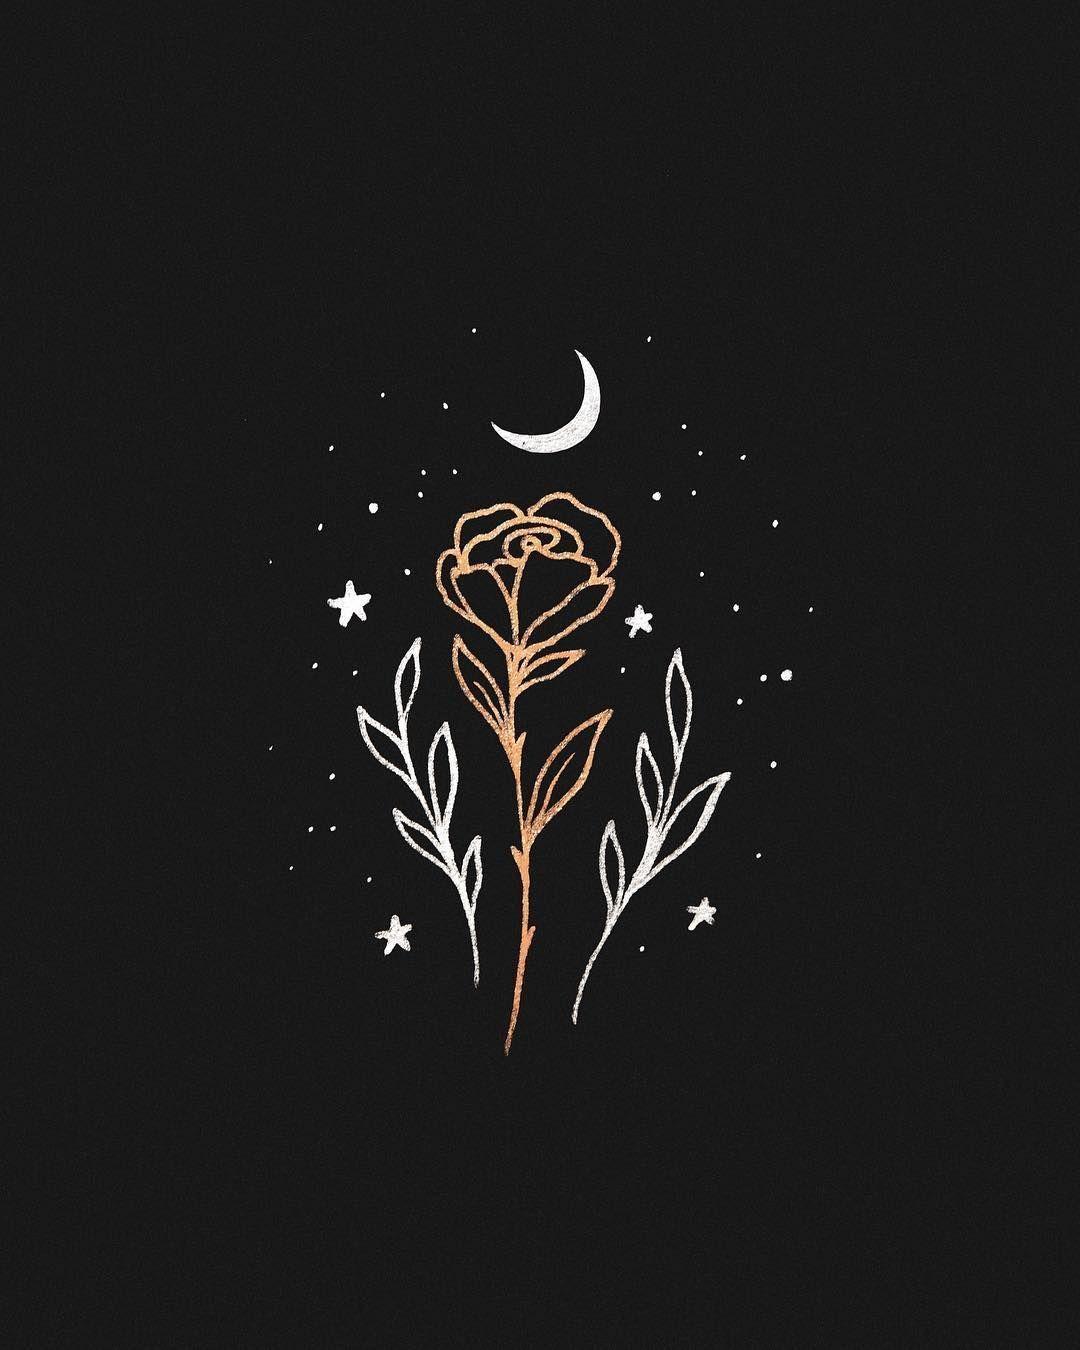 A Imagem Pode Conter Noite Ideas De Fondos De Pantalla Mejores Fondos De Pantalla Para Iphone Fondo De Pantalla Iphone Disney Art Wallpaper Black Aesthetic Wallpaper Dark Wallpaper